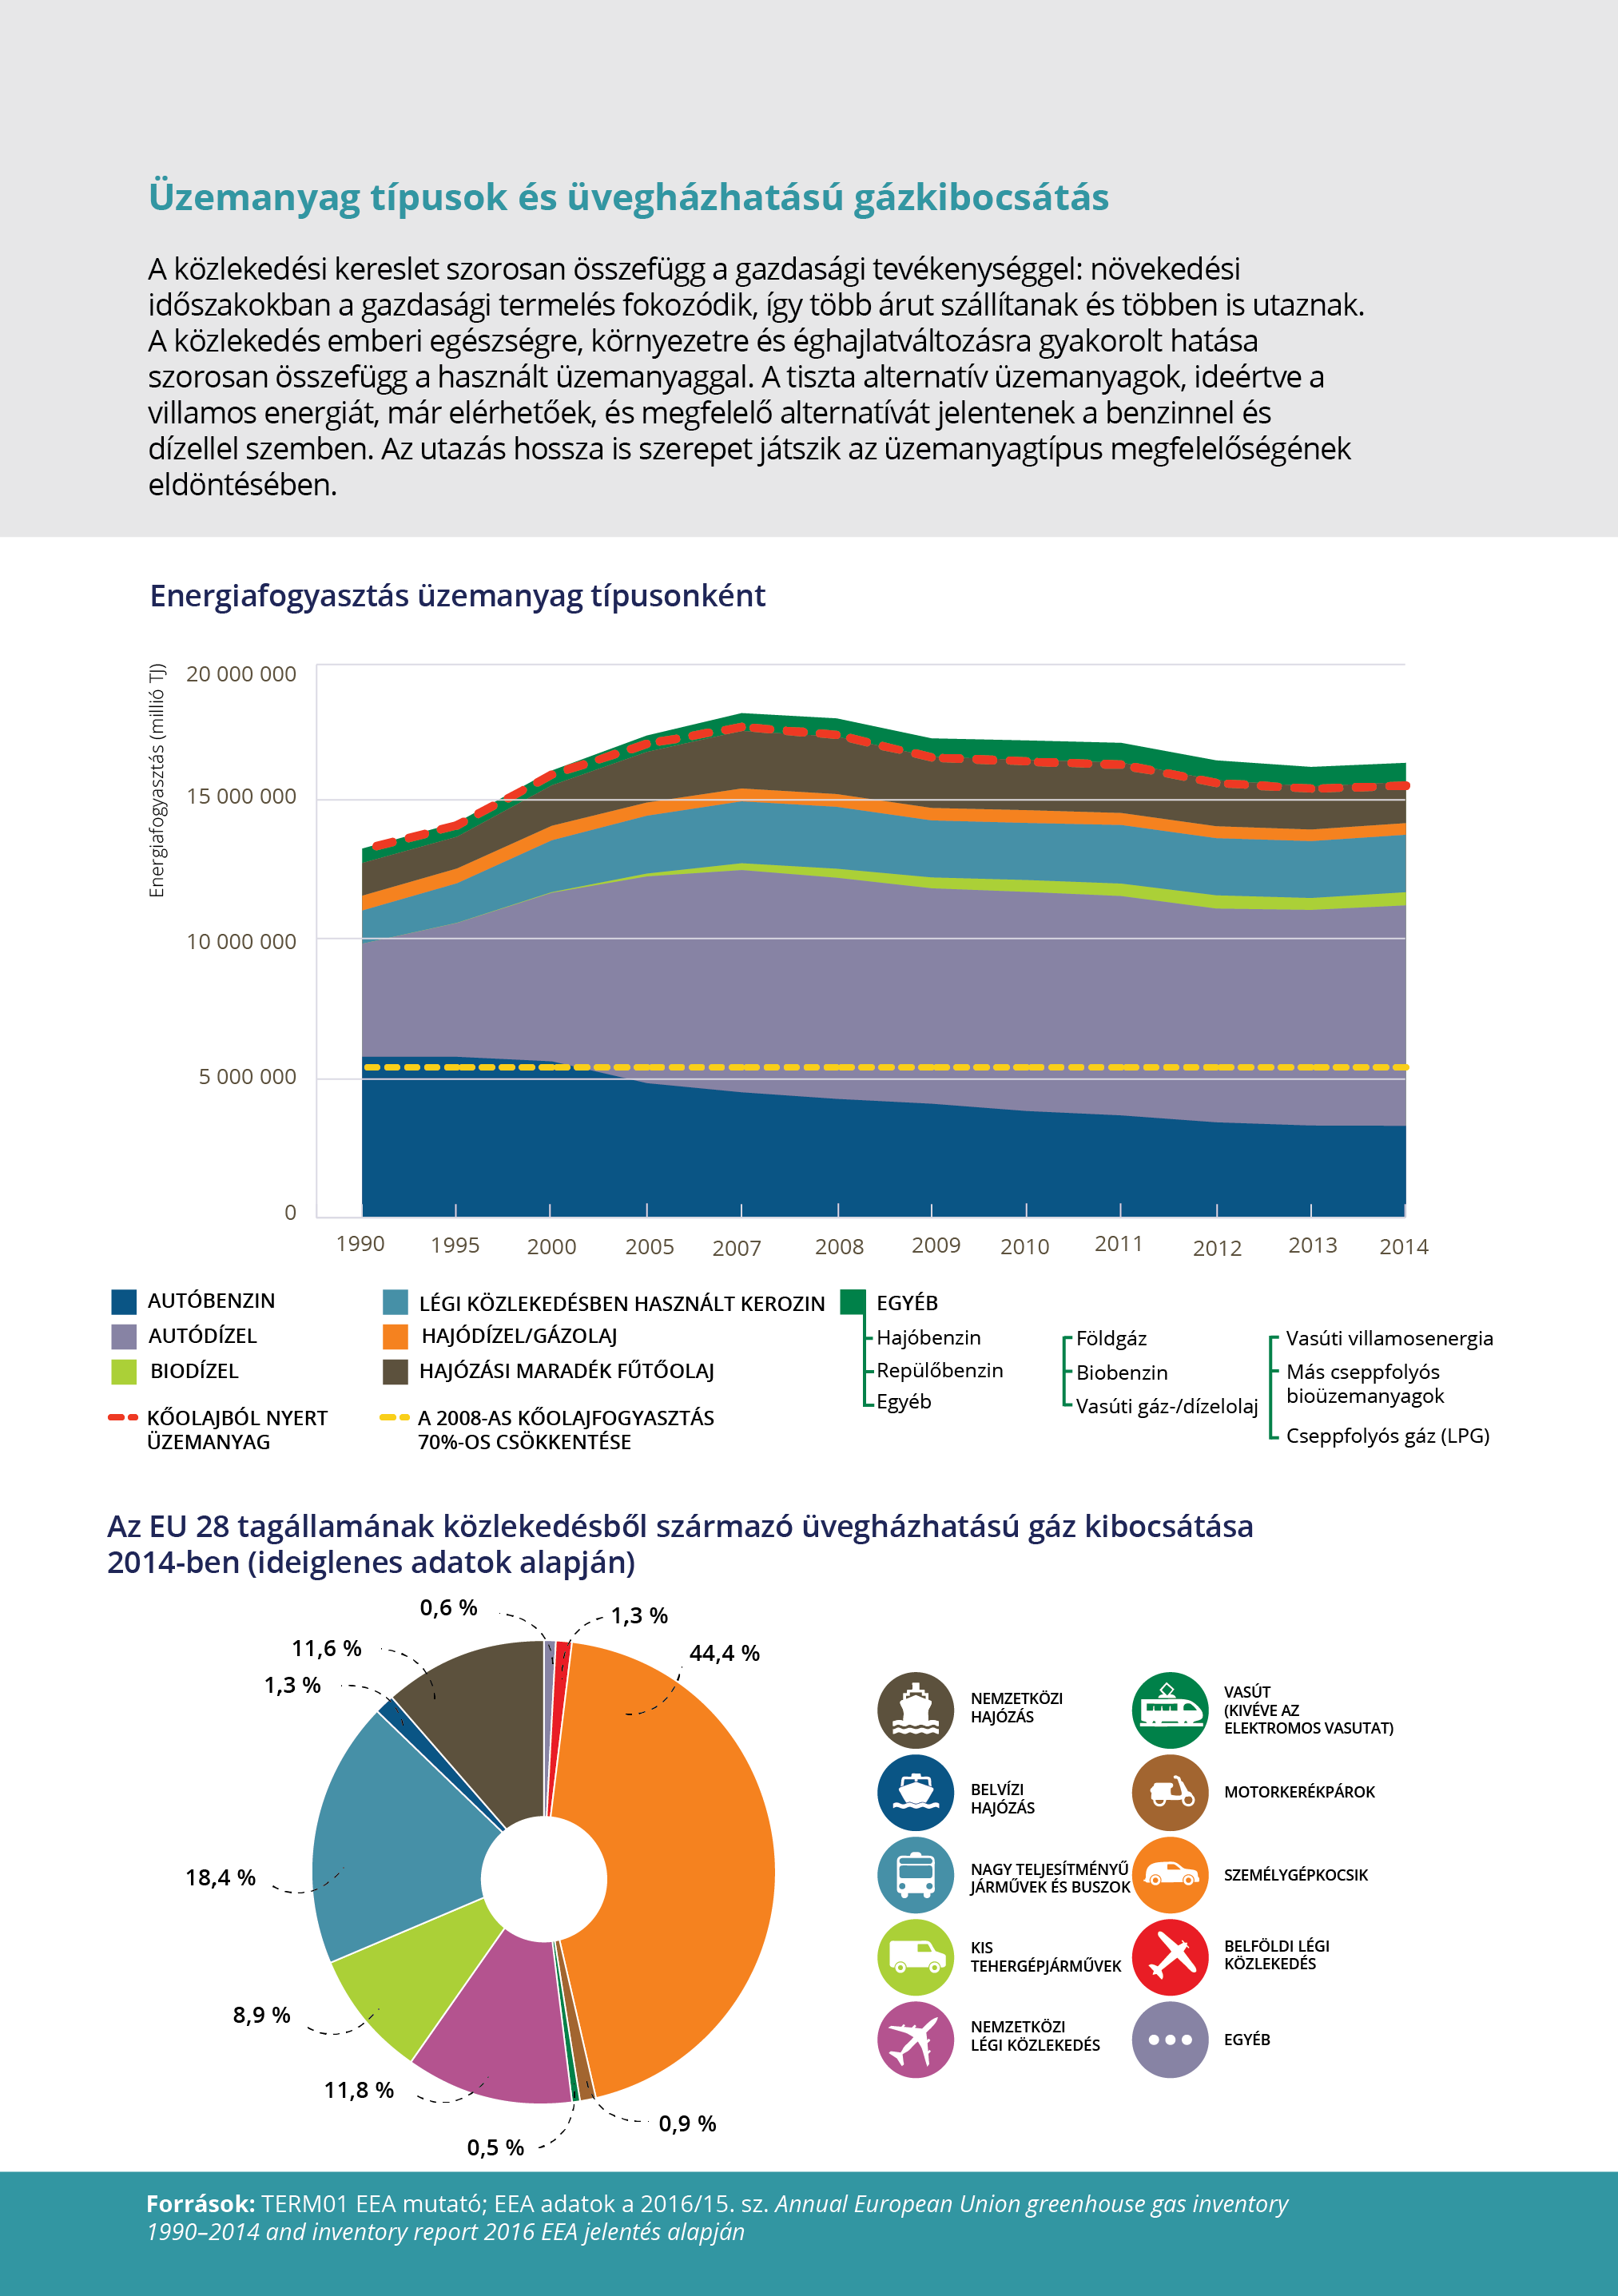 Üzemanyag típusok és üvegházhatású gázkibocsátás